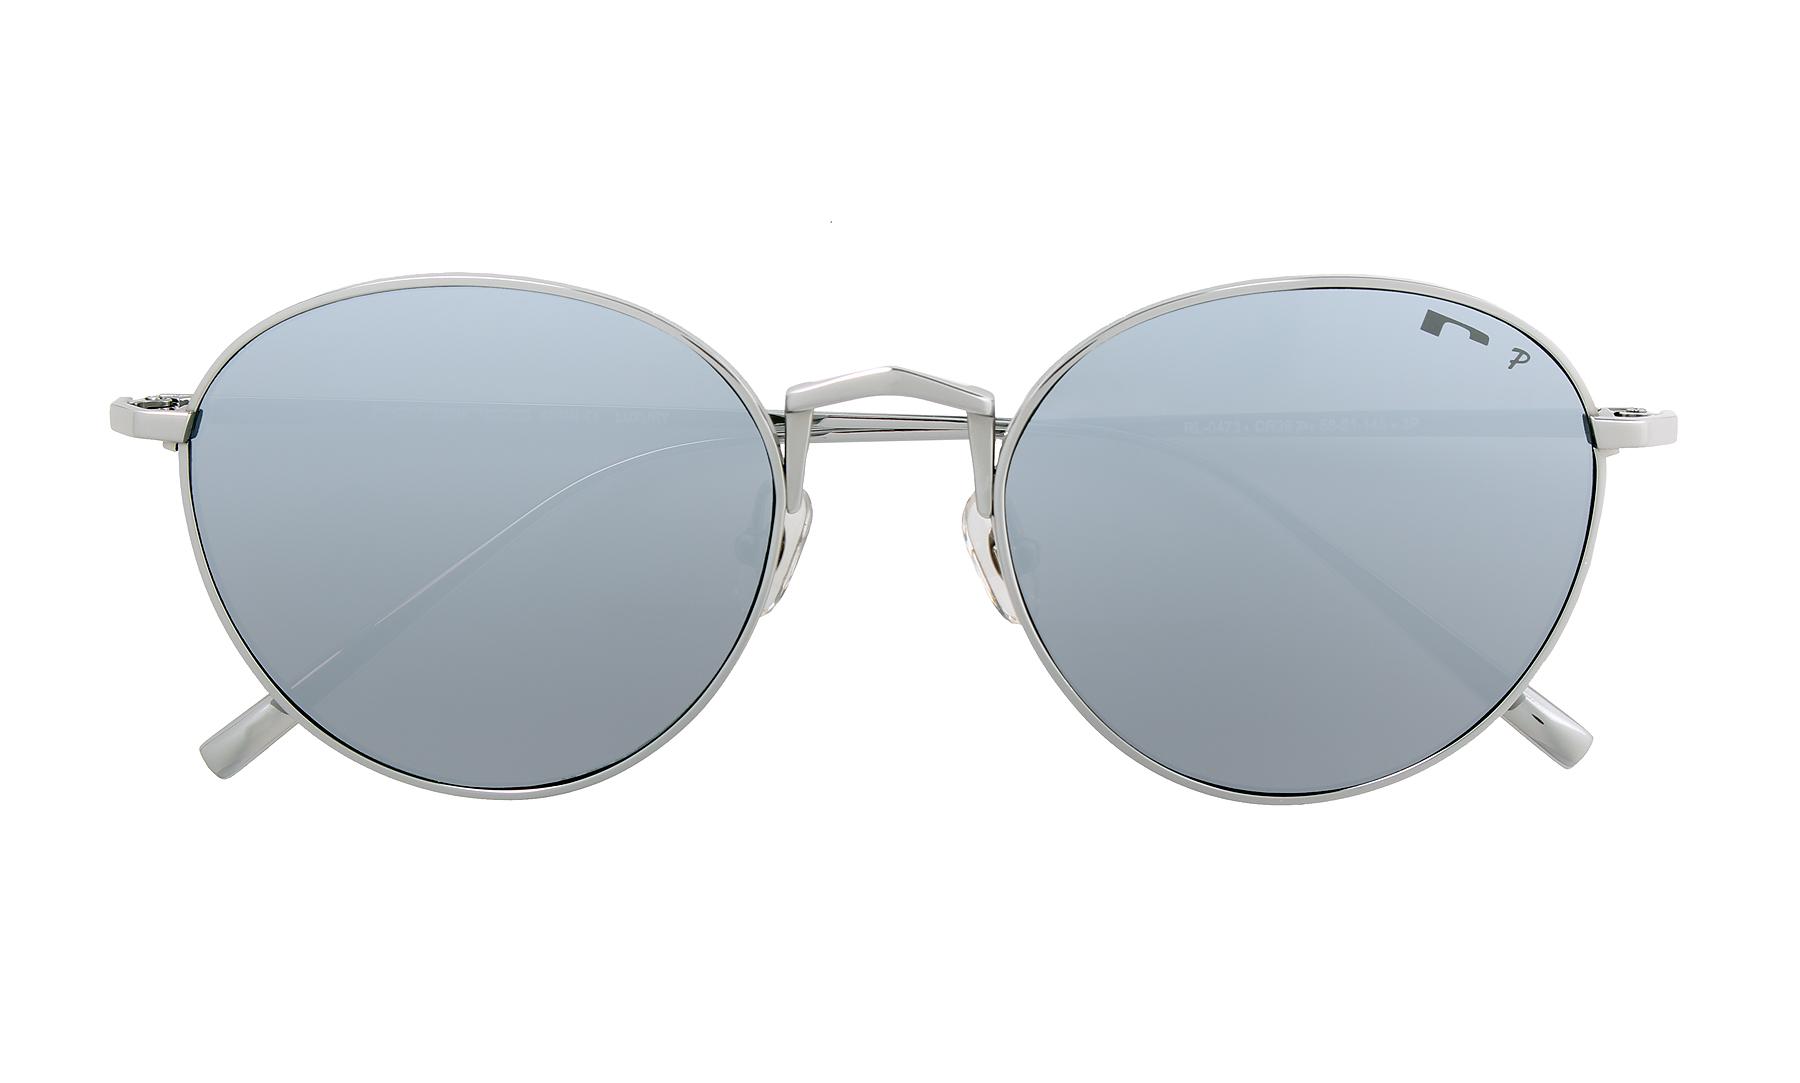 gafas de sol de titanio 2018